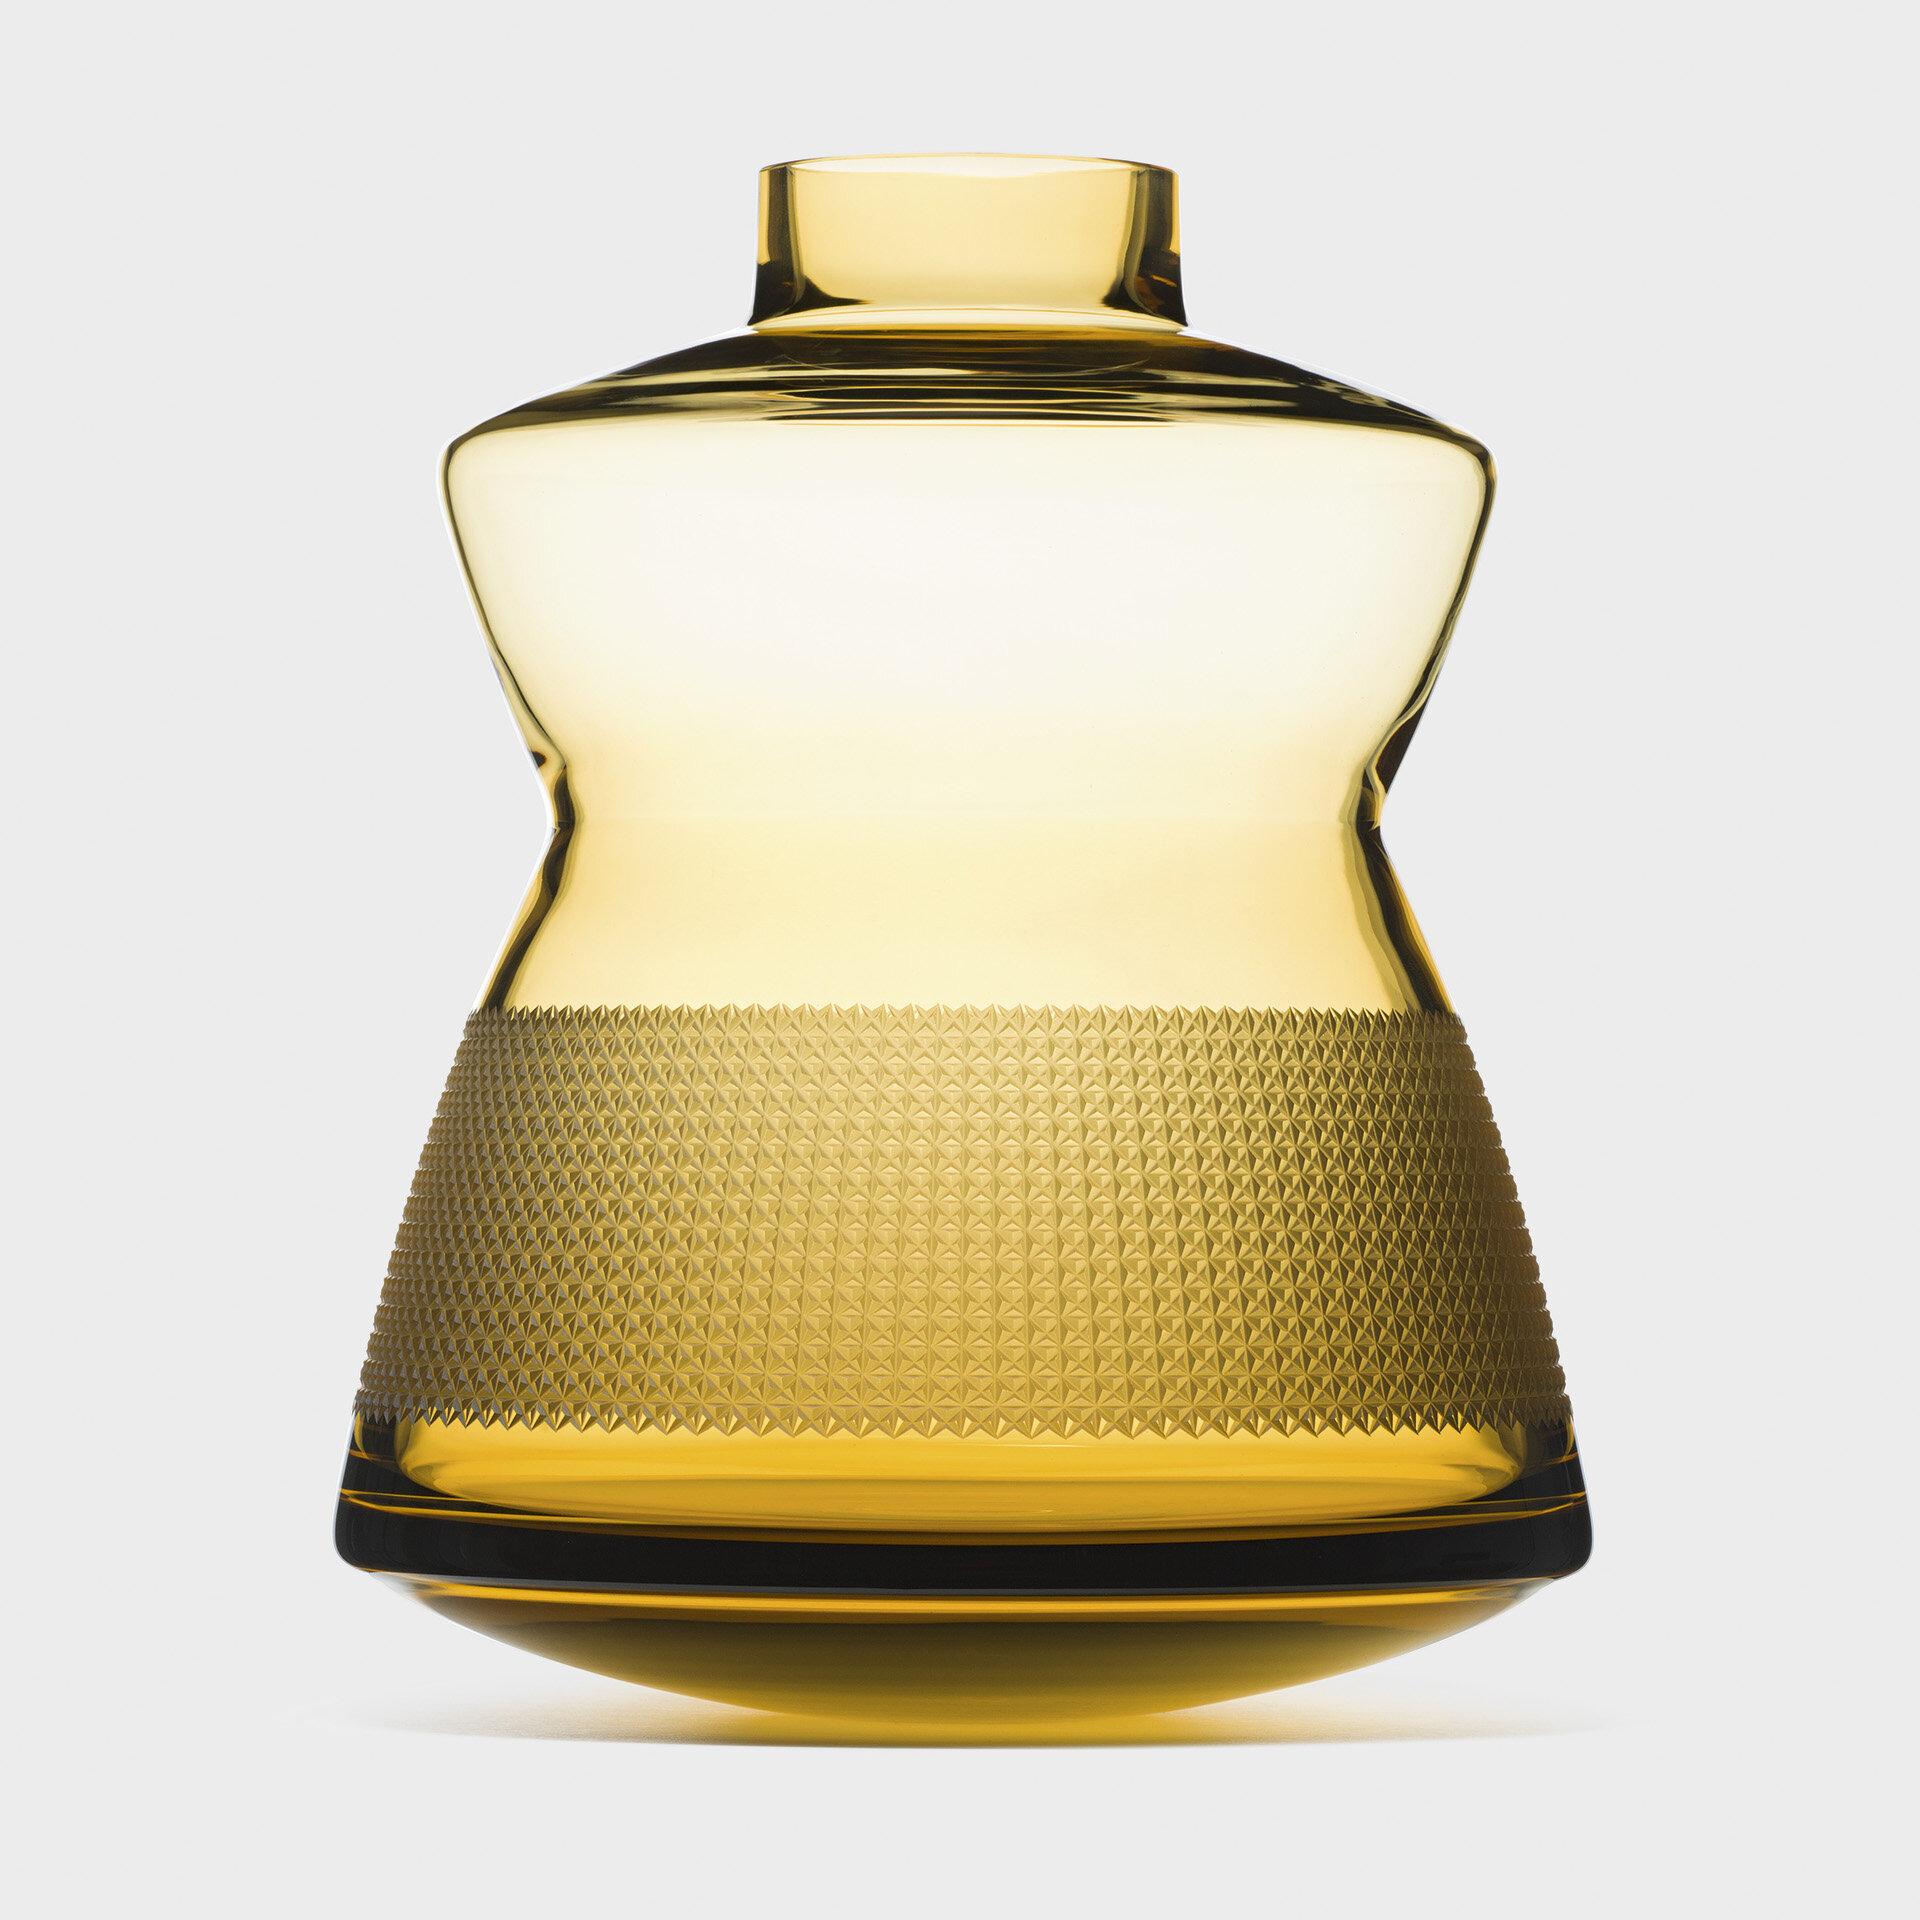 Fotowerk Produktfotografie - Vase für Biber Versand